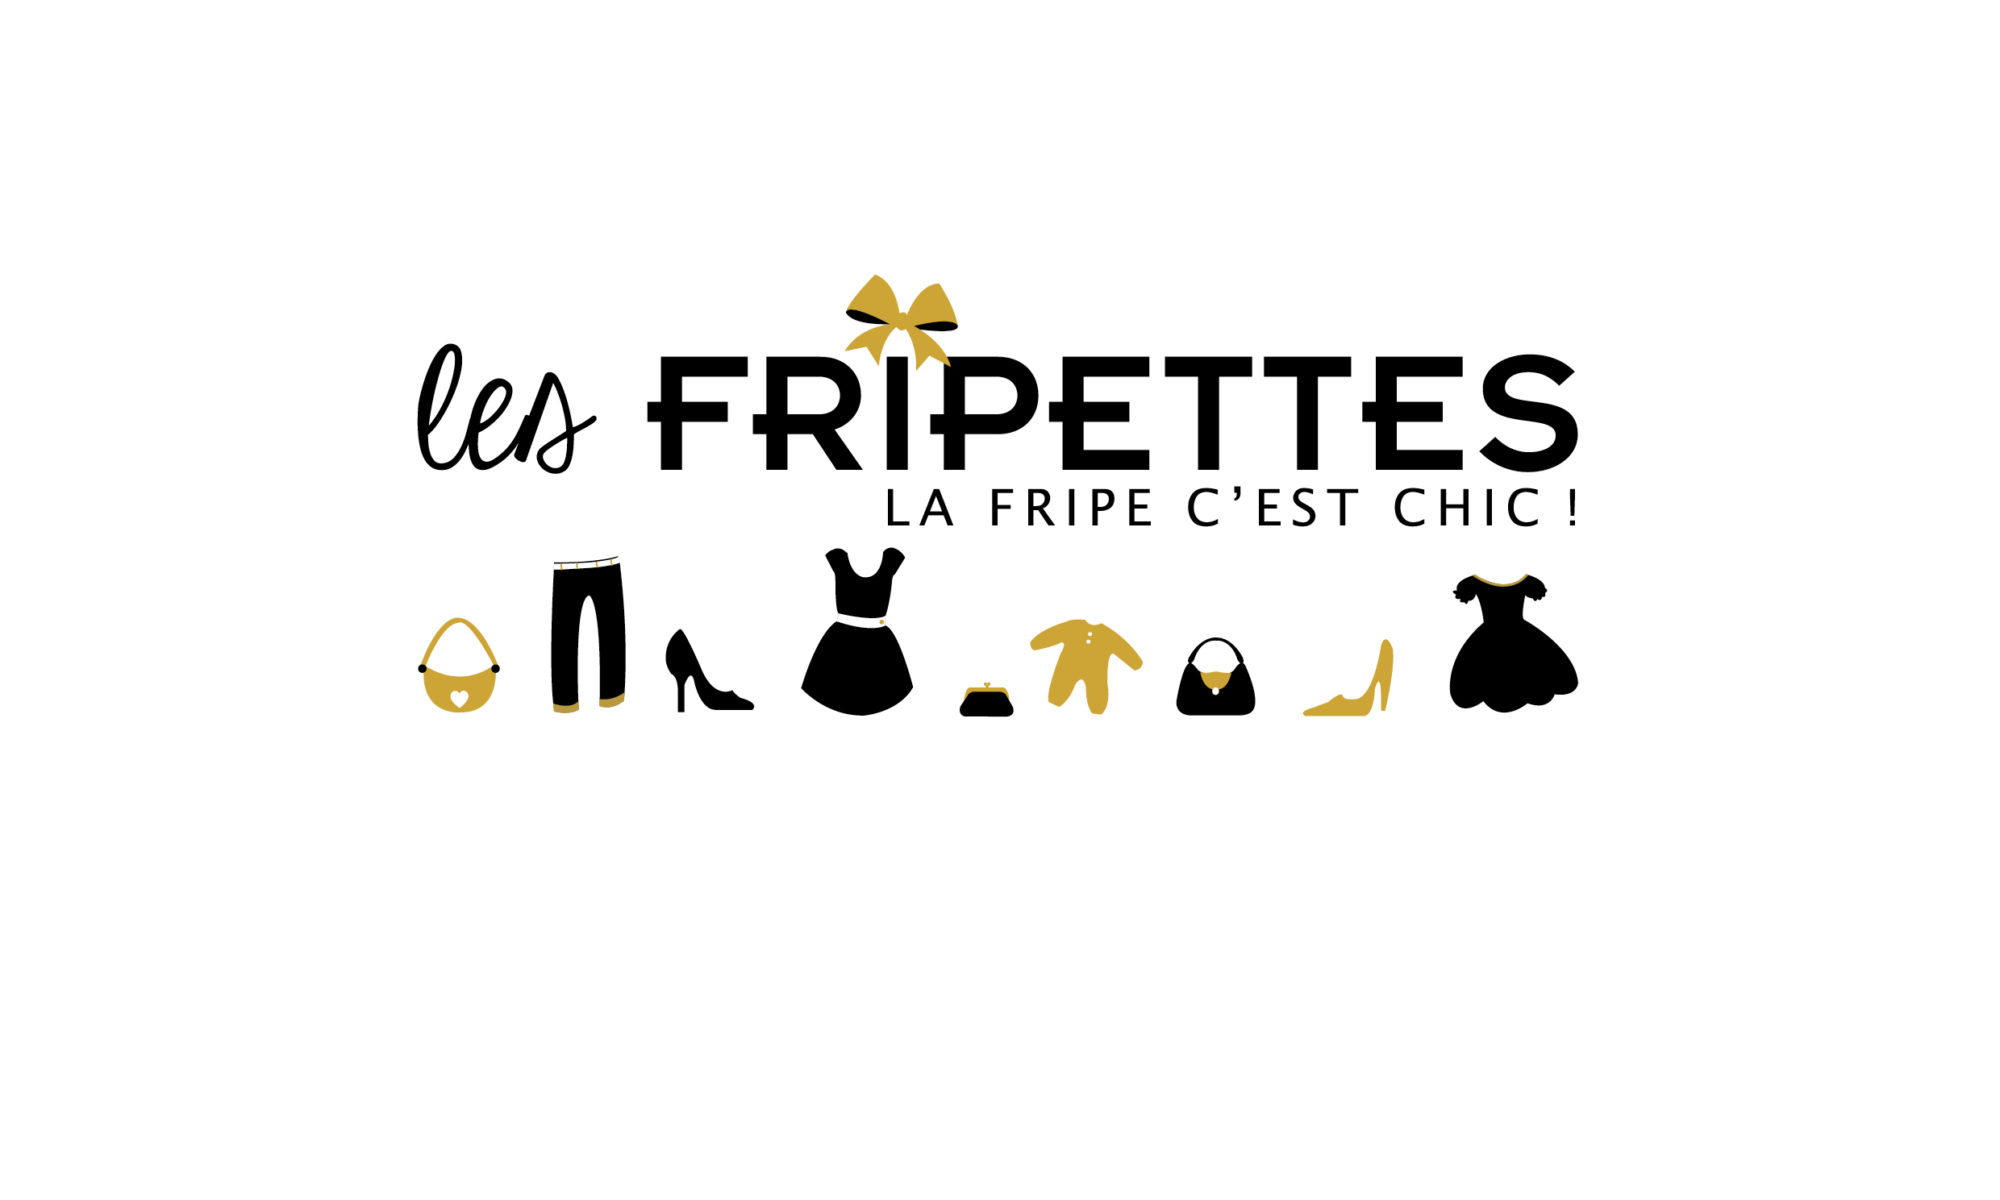 Les Fripettes